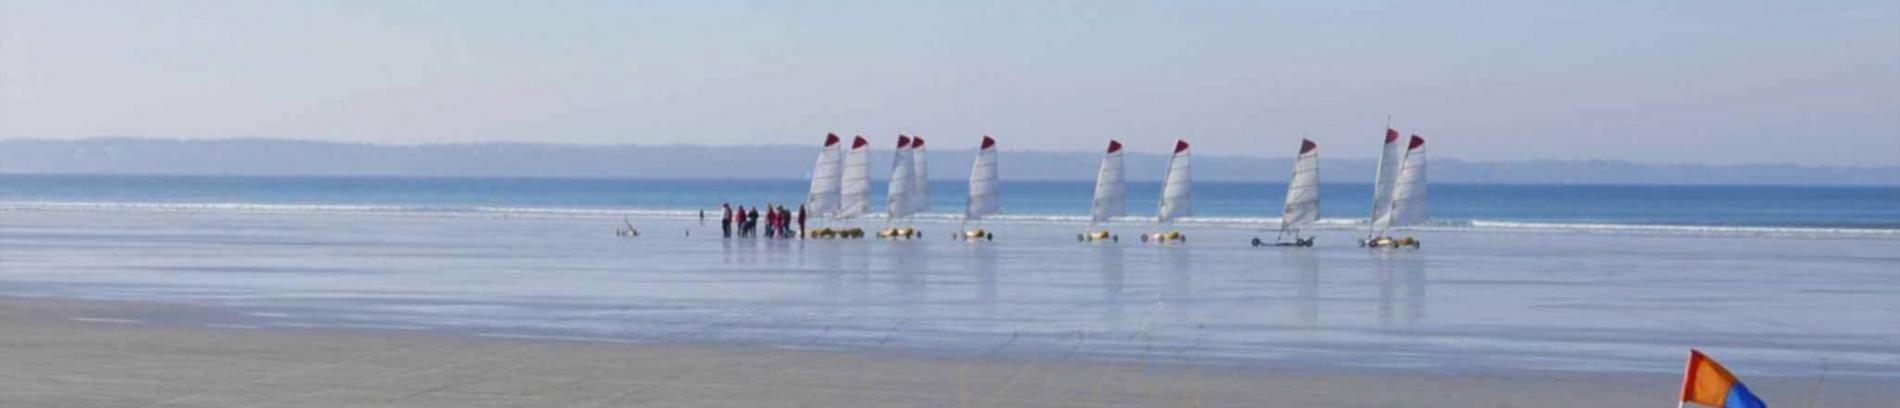 Slide activités nautiques à Saint Nic